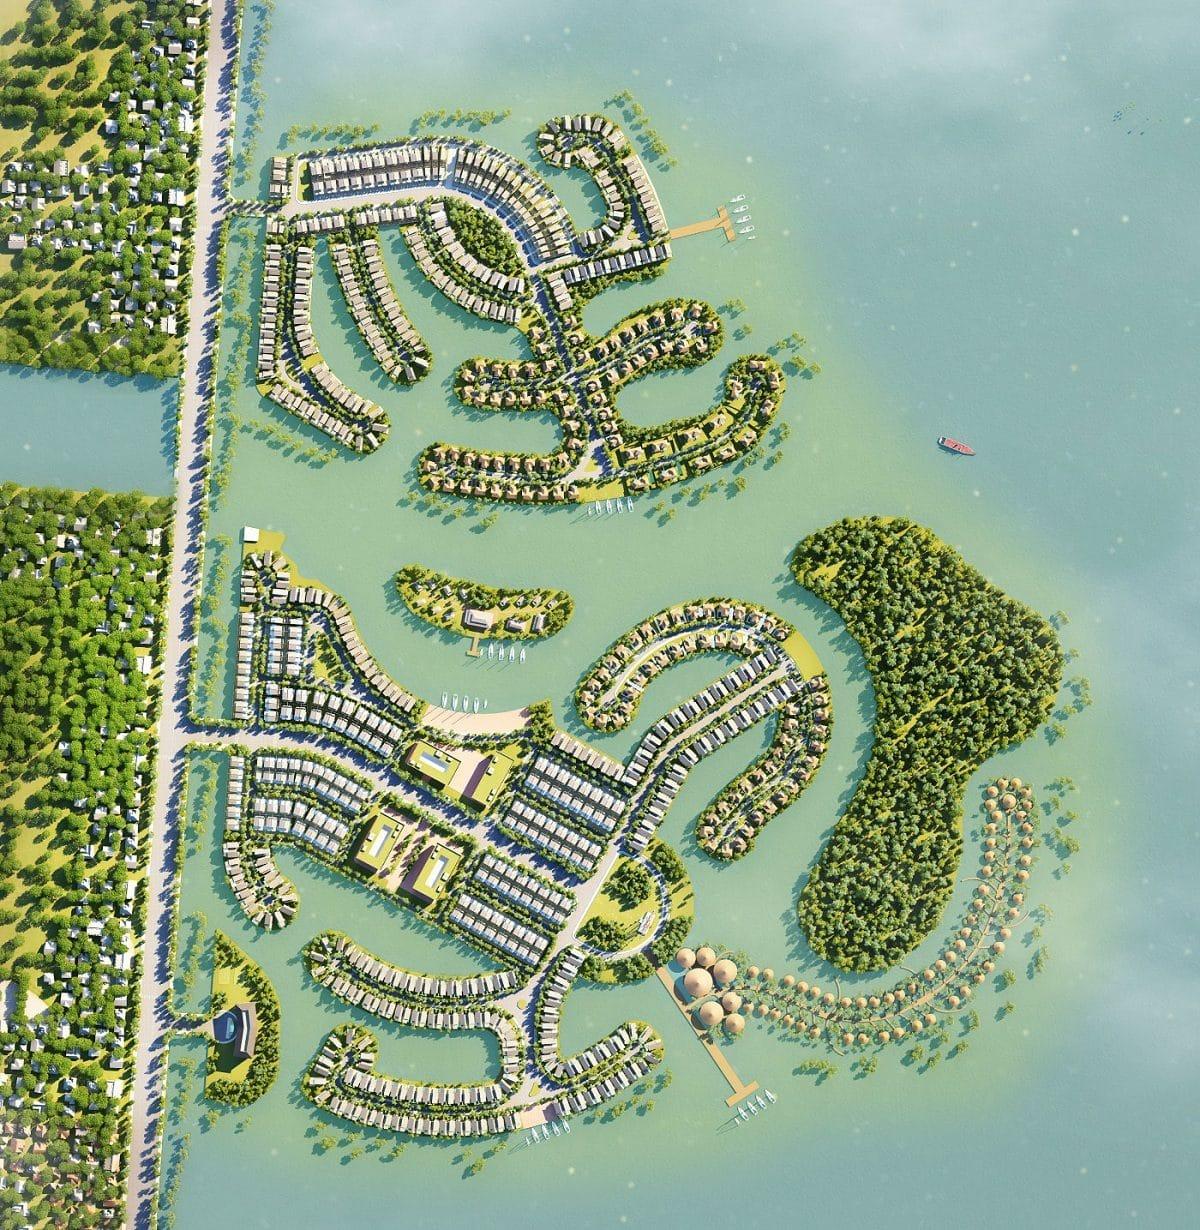 Tổng thể biệt thự Thị Nại Eco Bay  - DỰ ÁN KHU DU LỊCH THỊ NẠI ECO BAY QUY NHƠN